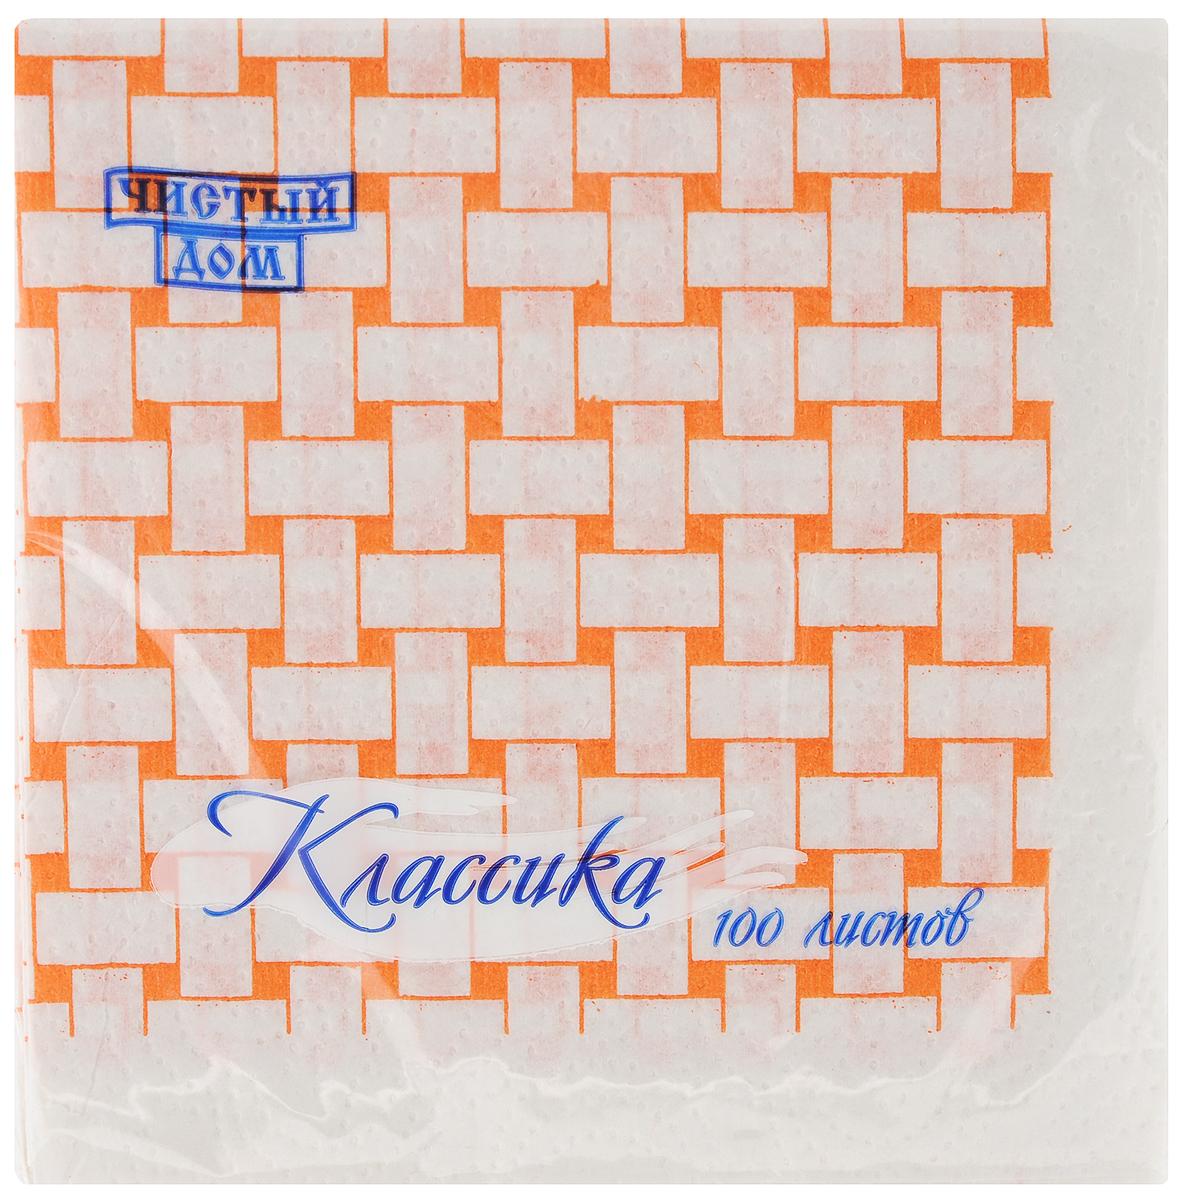 Салфетки бумажные Чистый дом Классика, однослойные, цвет: белый, оранжевый, 25 х 25 см, 100 шт4606920000043Однослойные салфетки Чистый дом Классика выполнены из 100% целлюлозы. Салфетки подходят для косметического,санитарно-гигиенического и хозяйственногоназначения. Нежные и мягкие. Салфетки украшеныузором.Размер салфеток: 25 х 25 см.